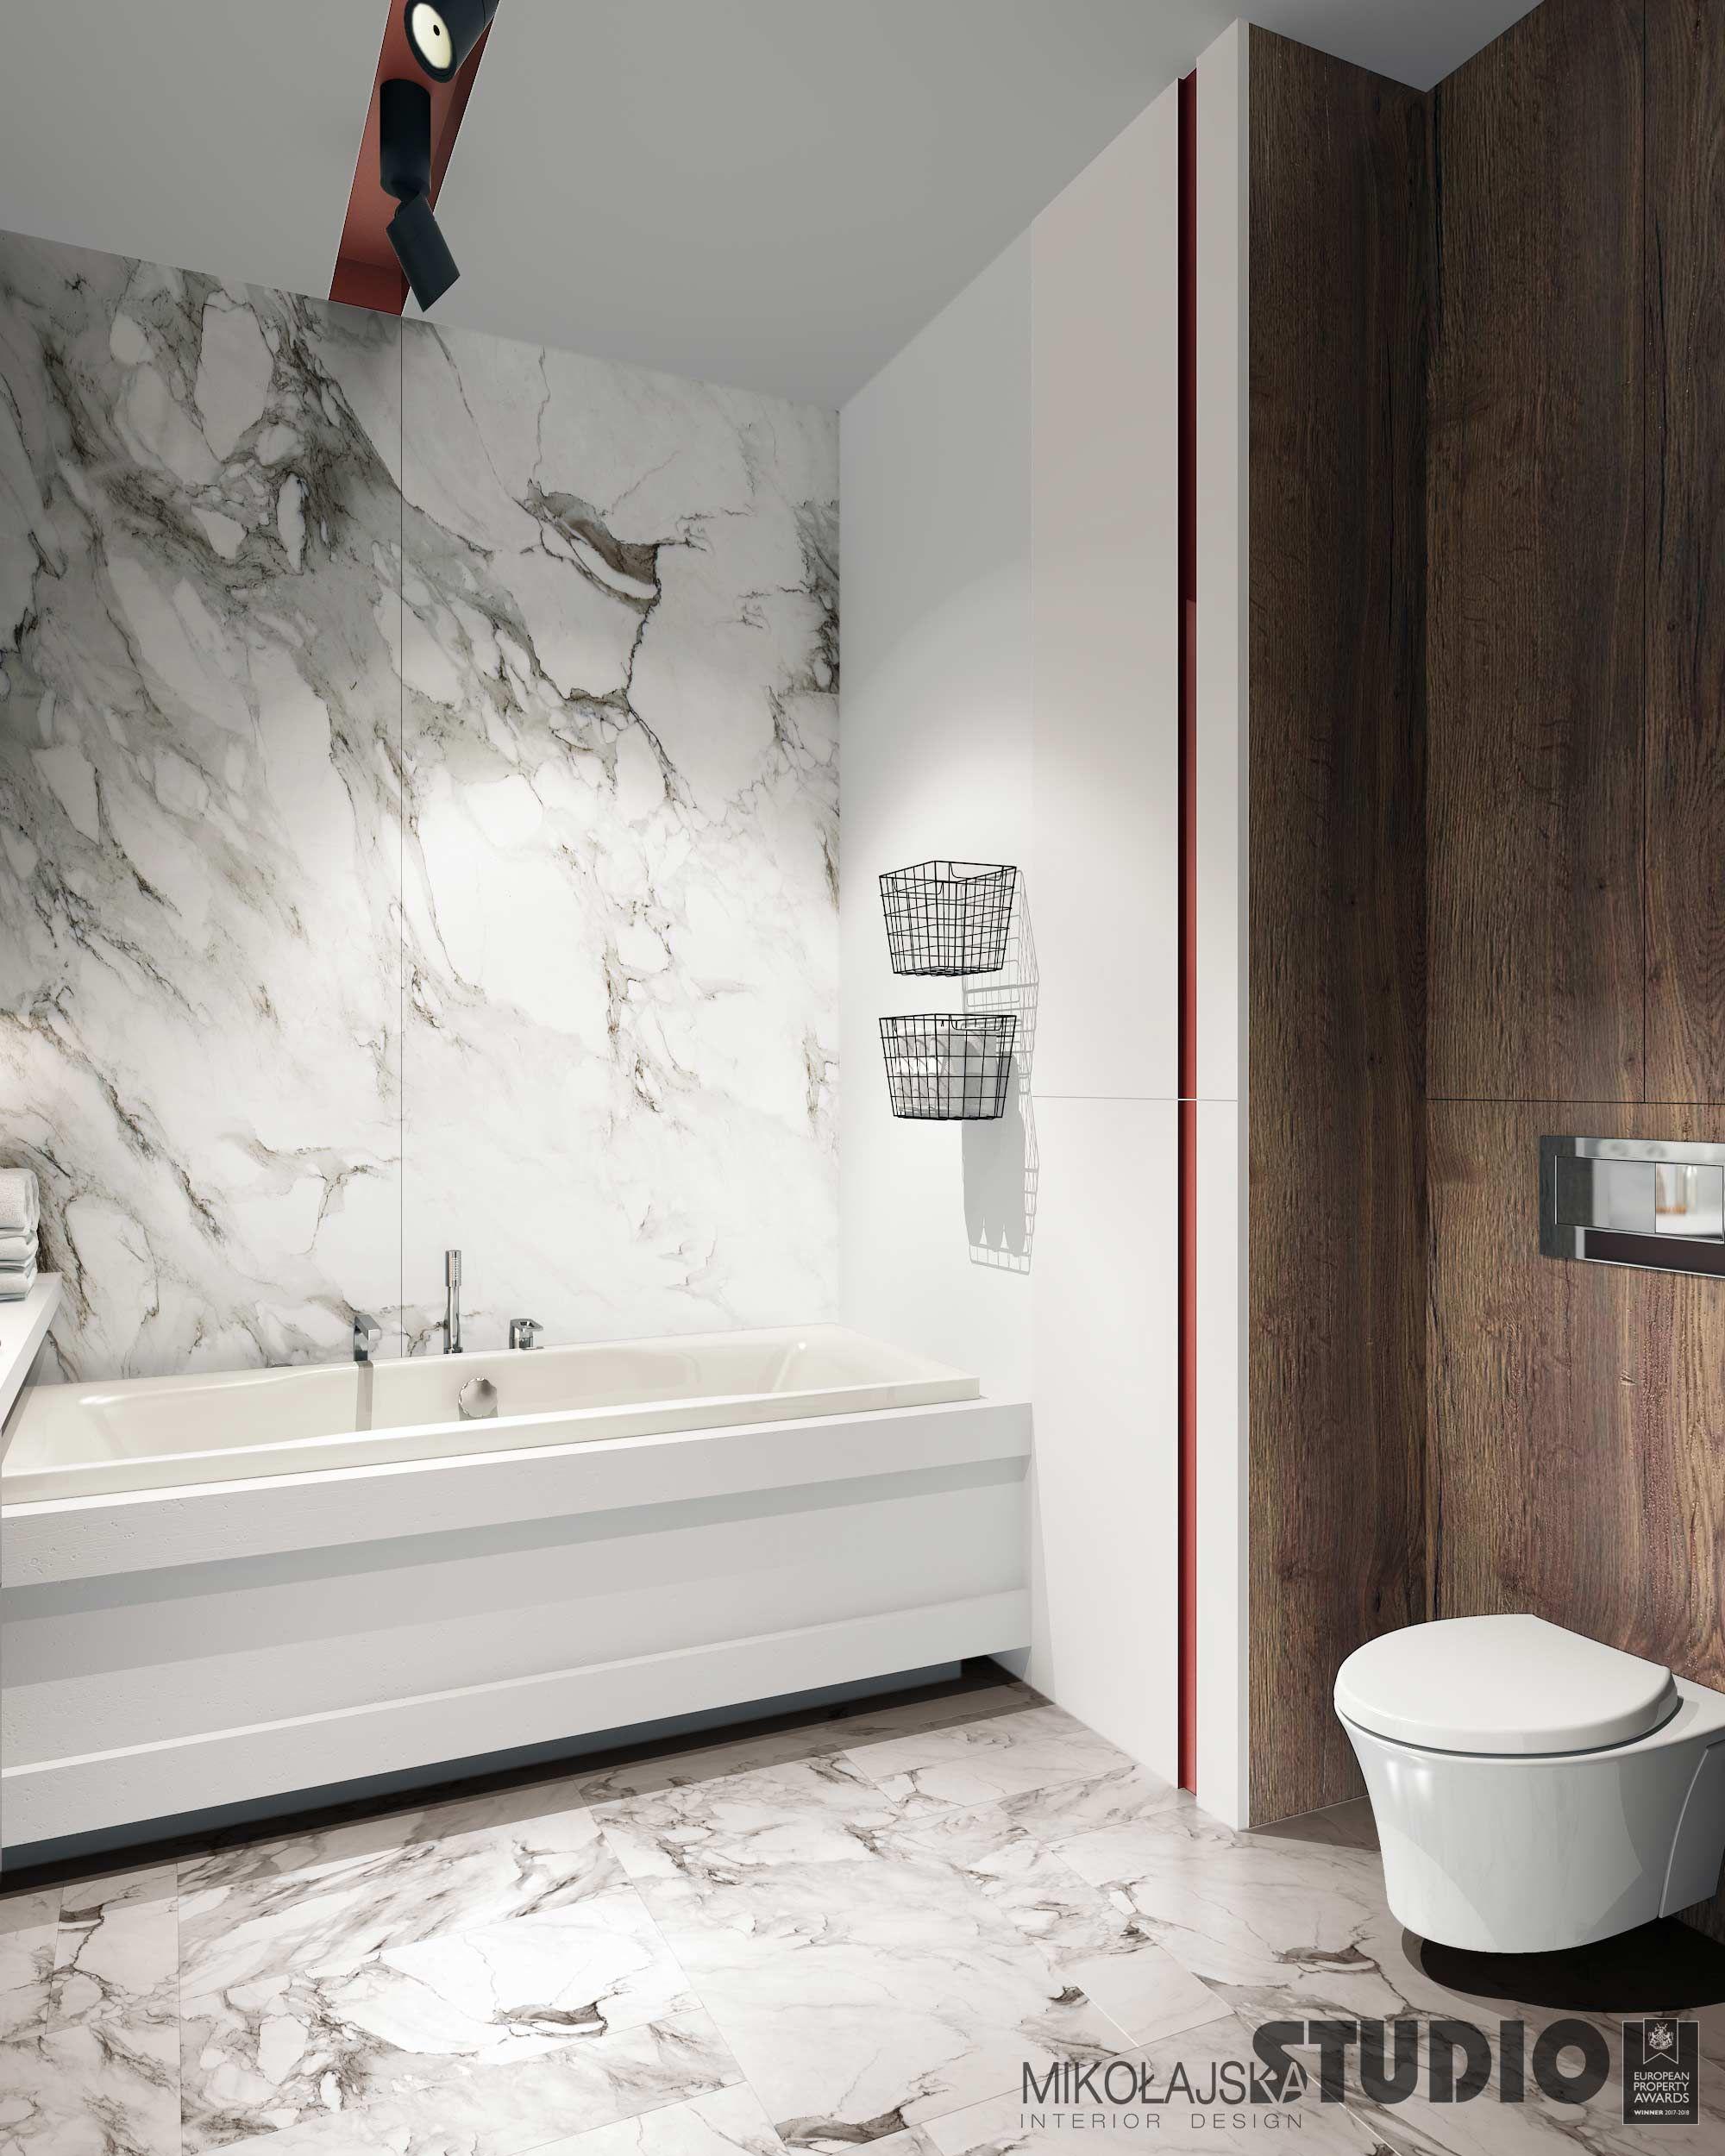 łazienka W Kamieniu Projekty Do Wypróbowania Mieszkania